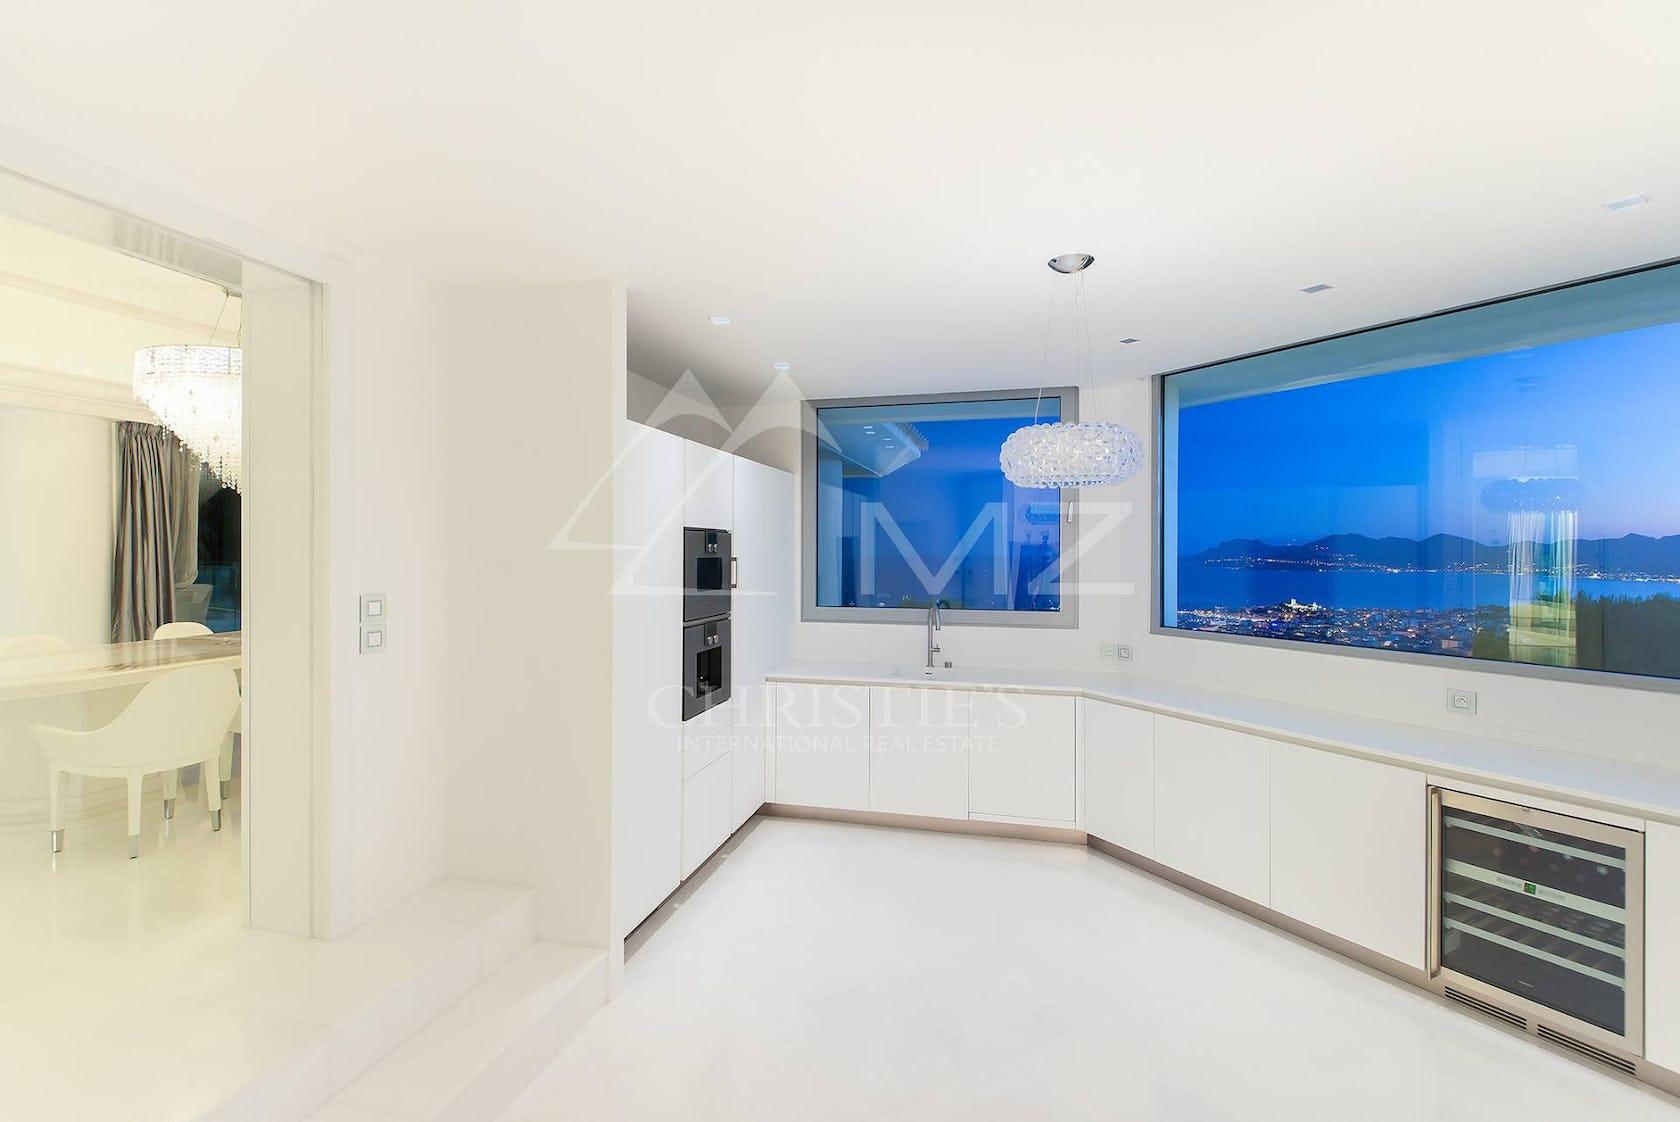 interior design indoors room housing building furniture